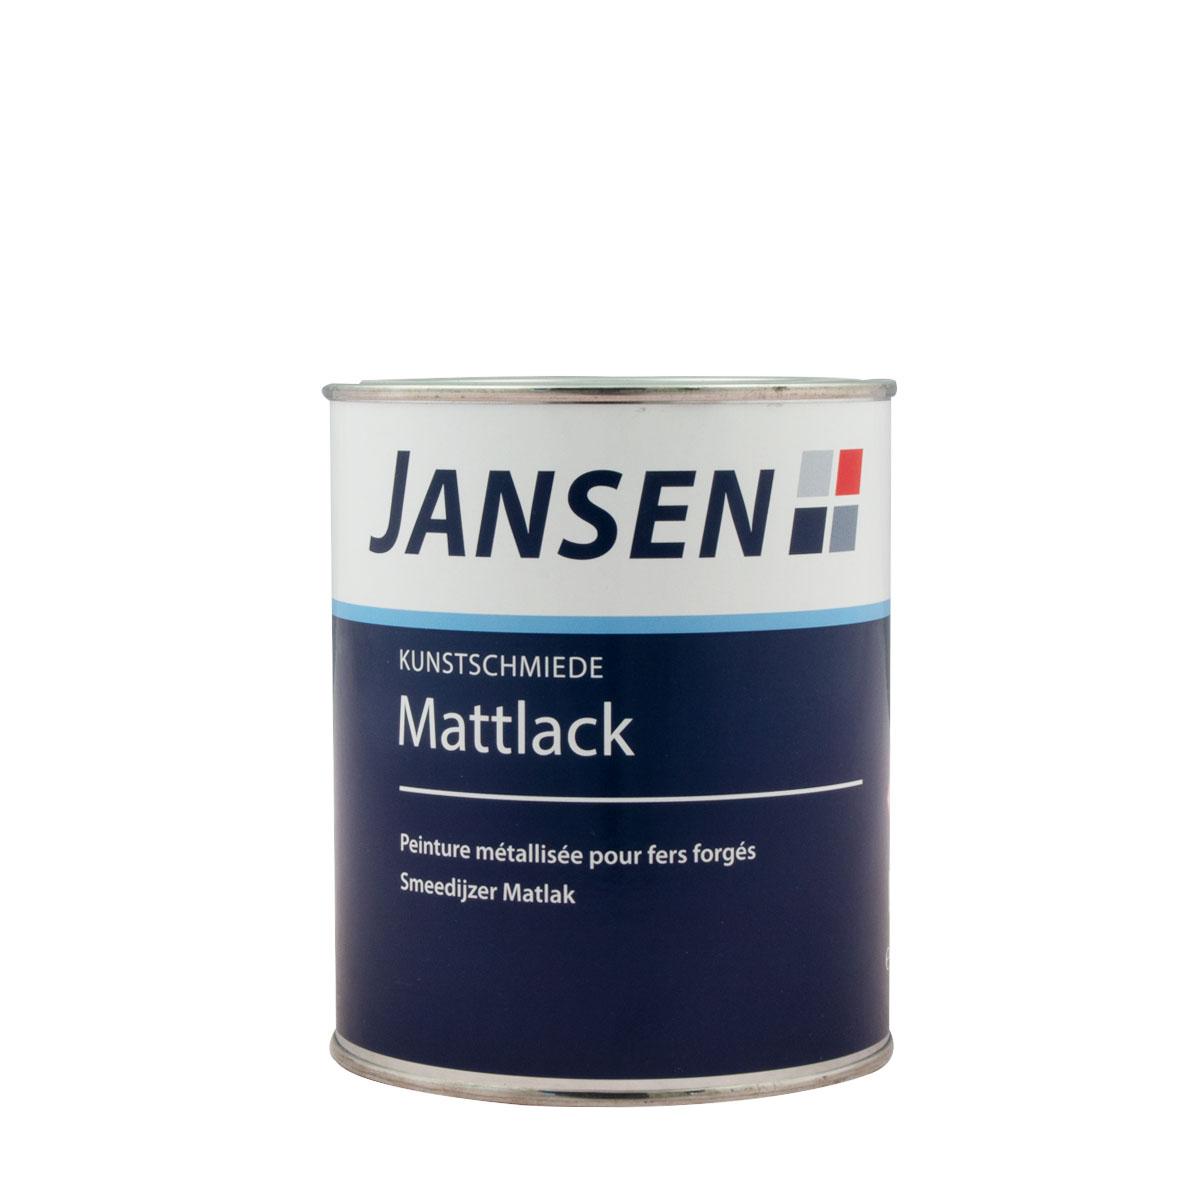 Jansen Kunstschmiede-Mattlack anthrazit 750ml mit Eisenglimmer